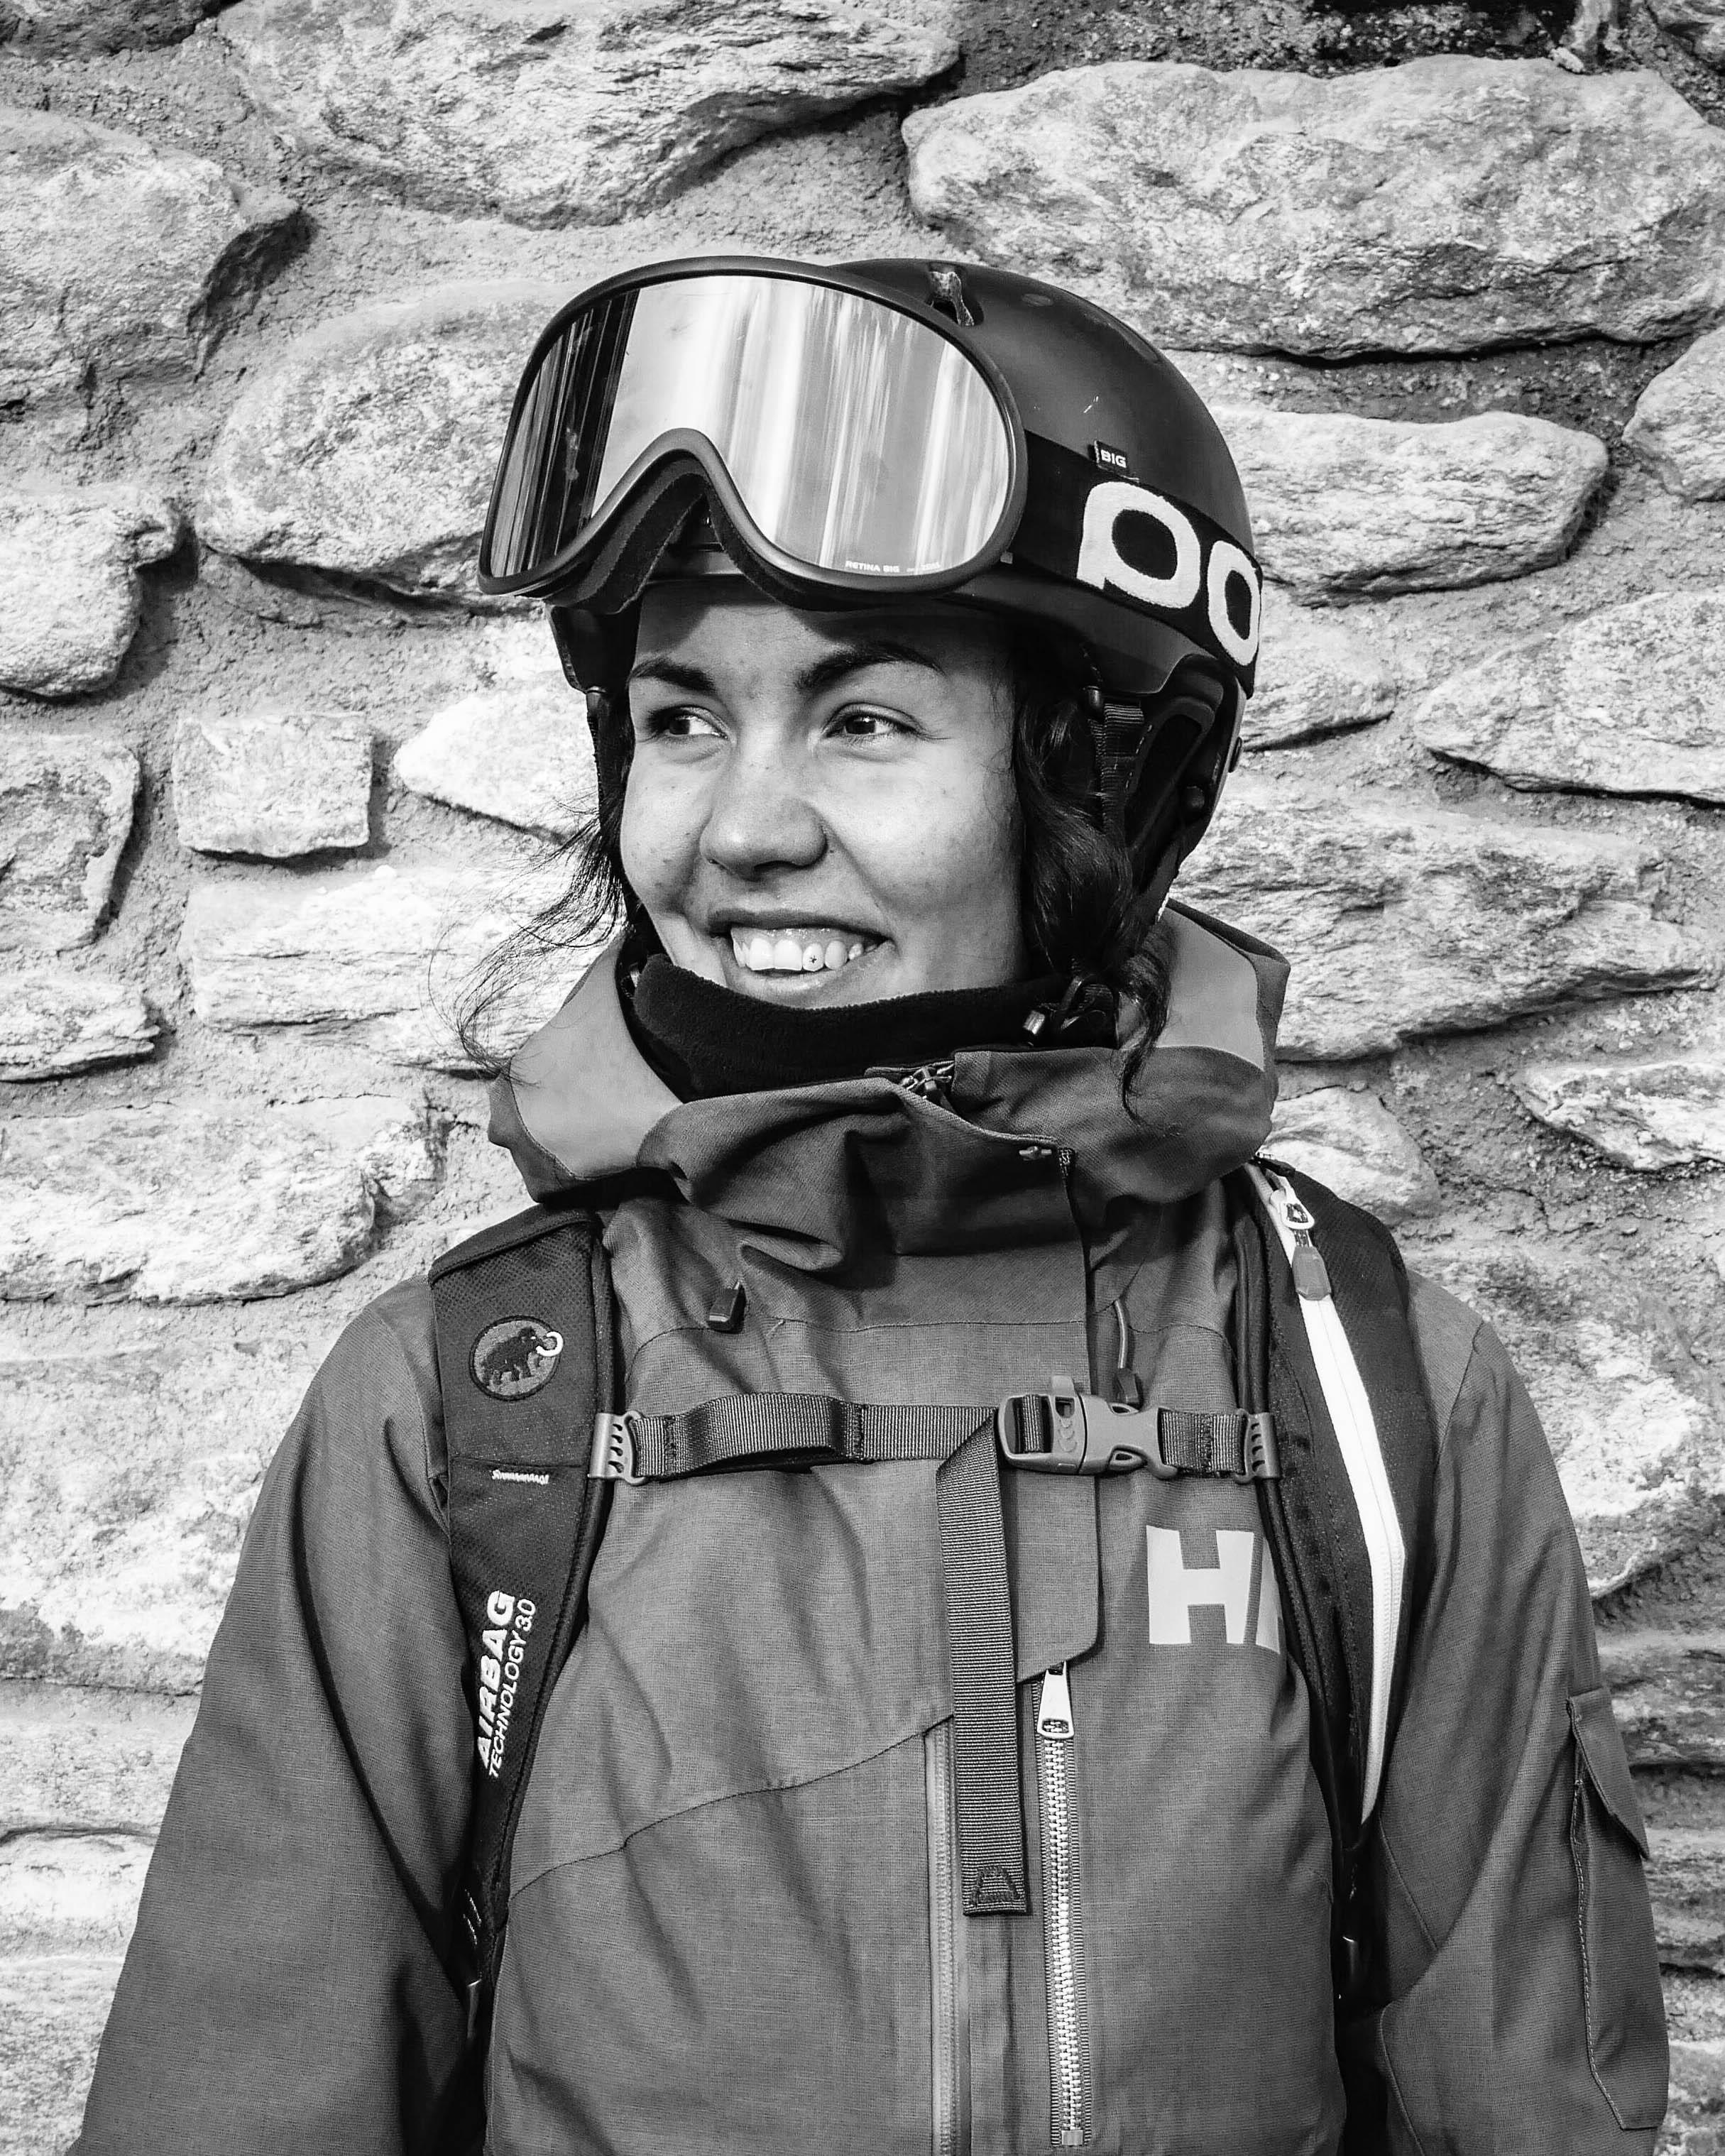 """Sofie Gidlund   """"Som en adrenalinsöknde naturälskare tar jag mig an utmaningar med ett stort leende. Genom hela mitt liv har jag varit aktiv i flera sporter, men skidåkning är utan tvekan min största passion. Pist, off-pist, eller backcountry. Jag älskar att utmana mig själv på berget. Inget slår känslan att klara av något nytt som jag vet är utanför min comfort zone."""""""